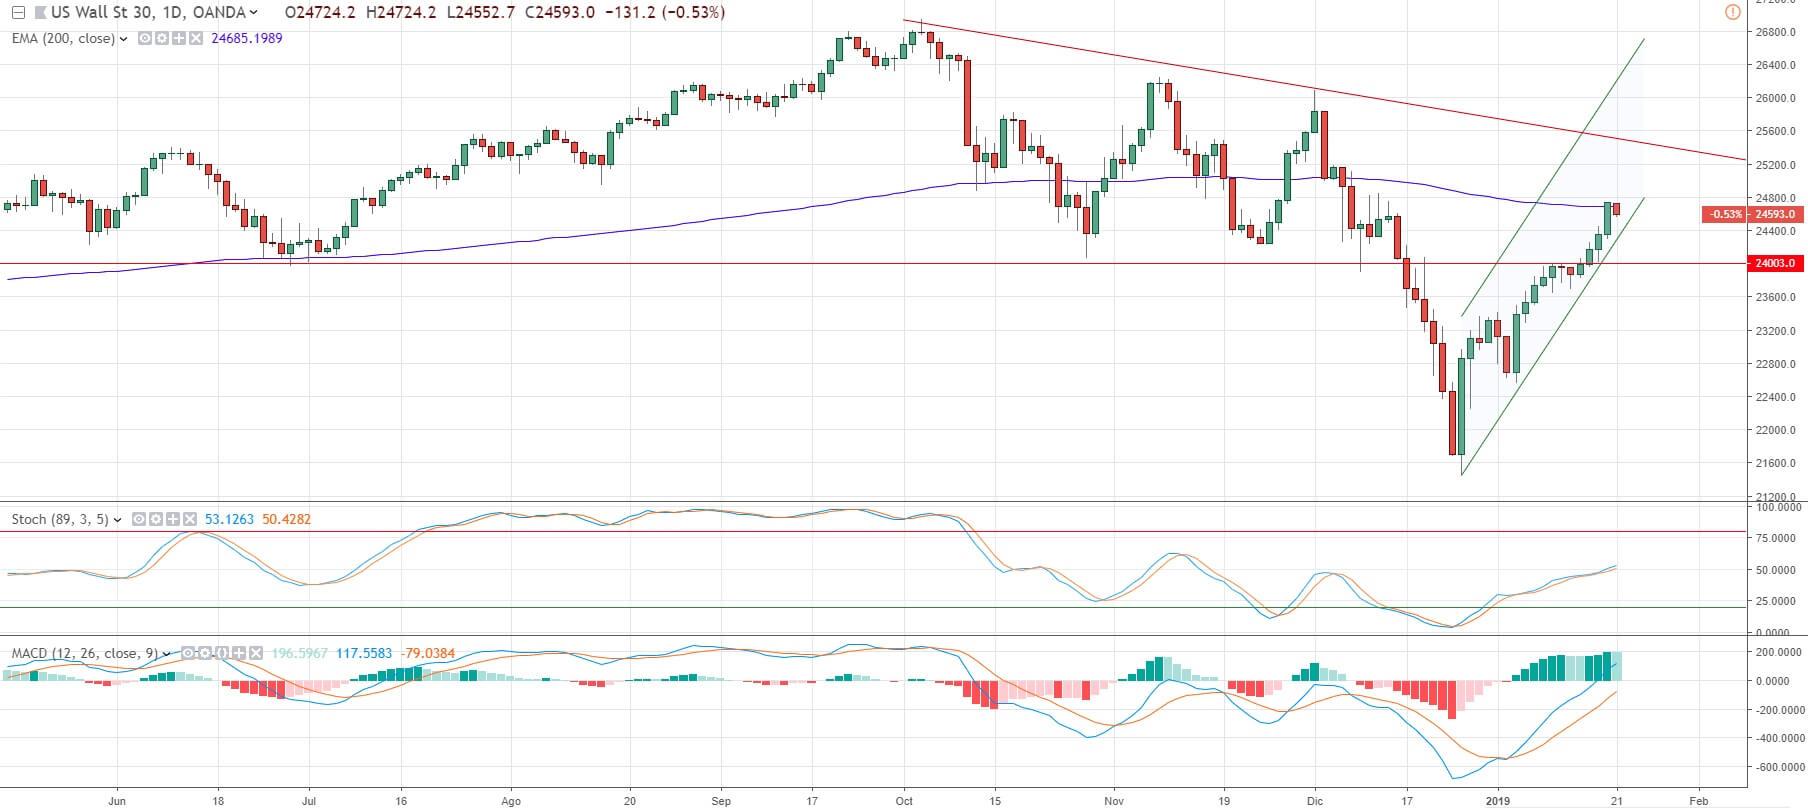 Representa el indice Dow Jones.